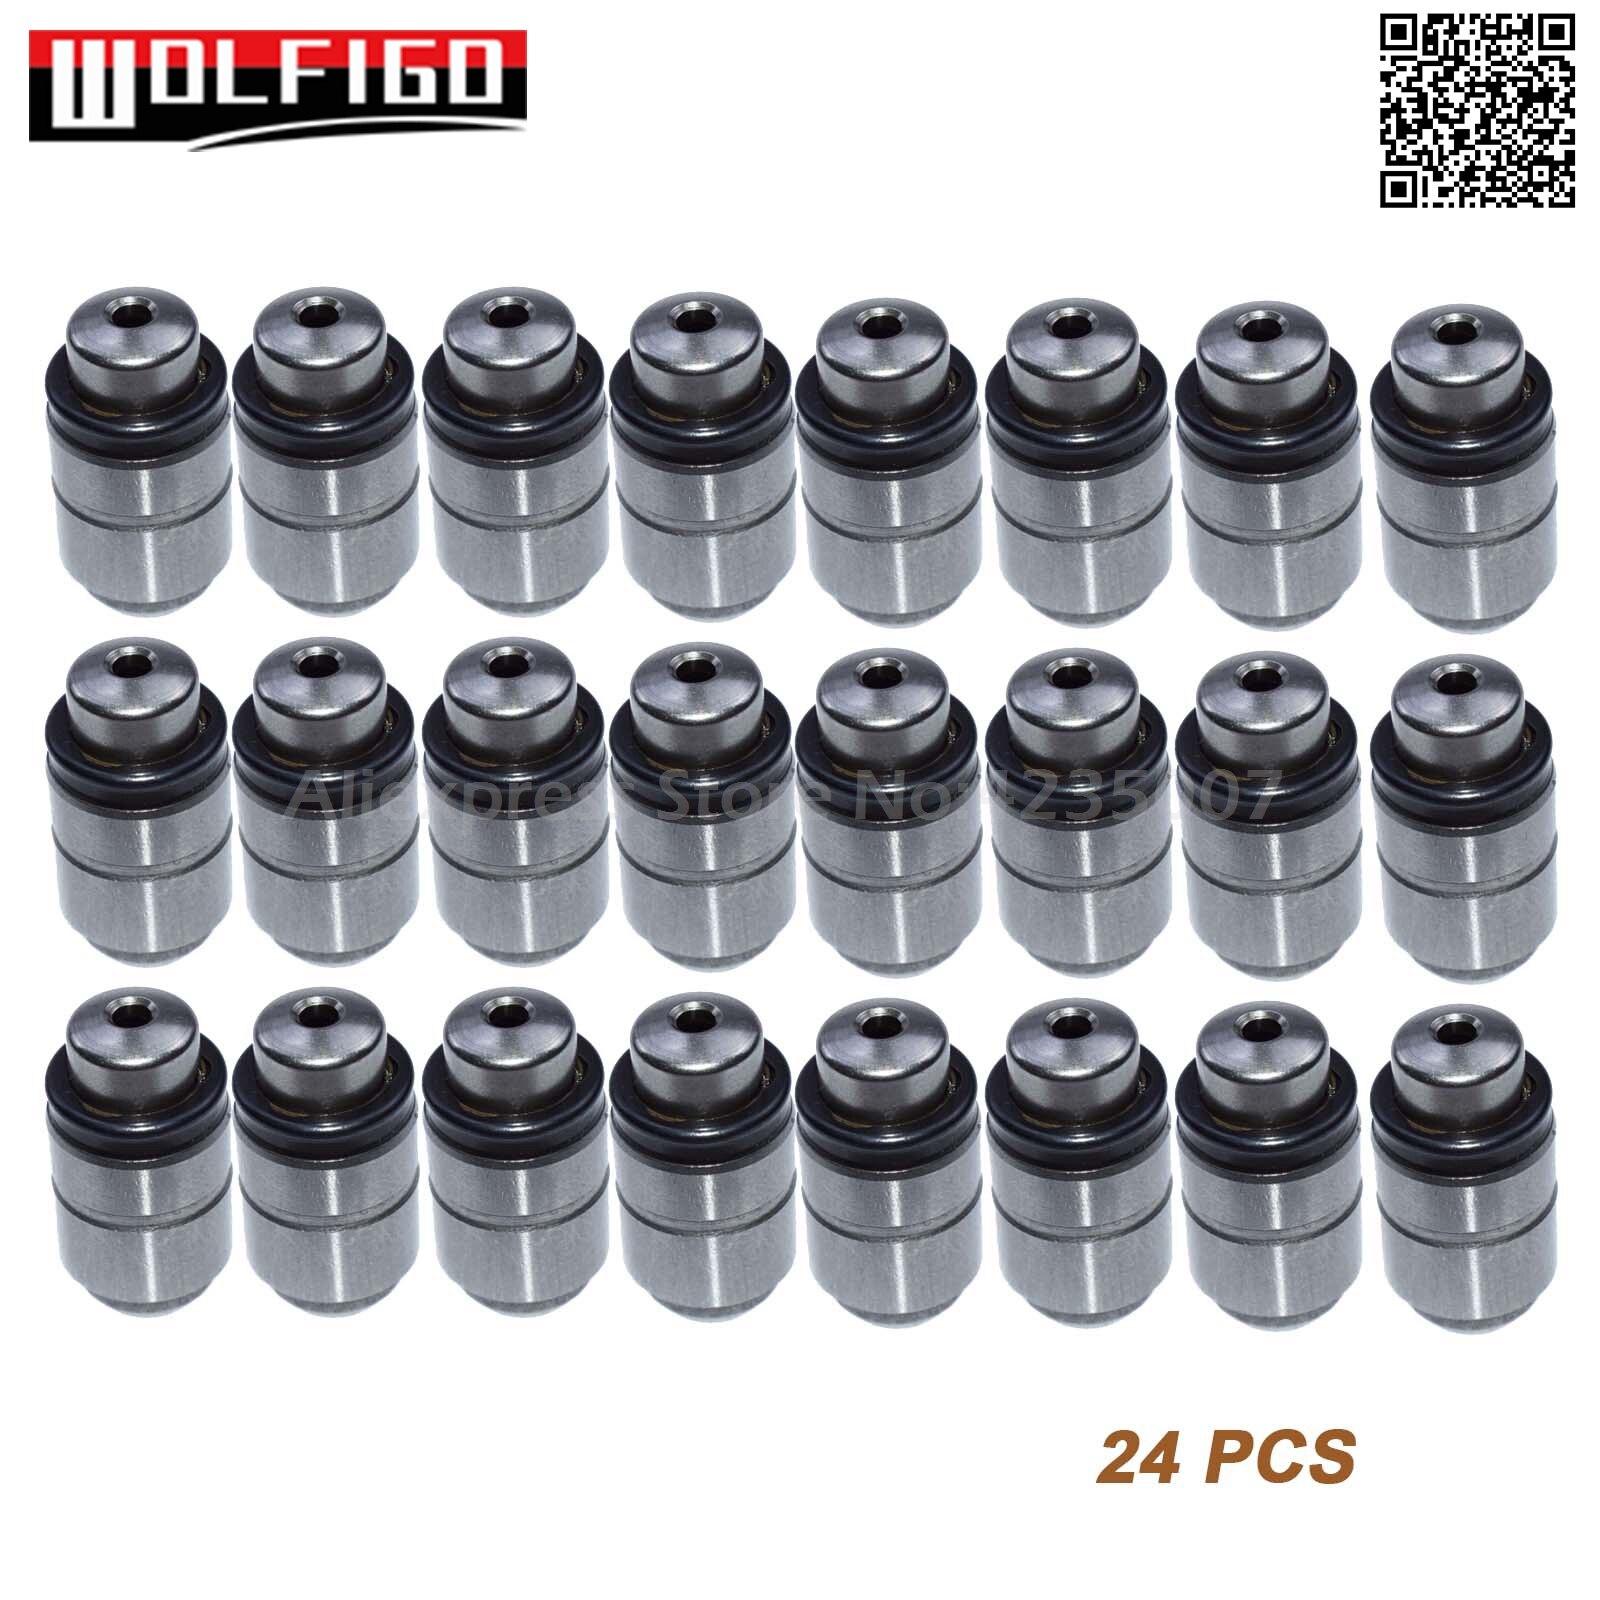 WOLFIGO 新 1991-1996 3.0 L ダッジステルス 6G72 ラッシュ調整リフター LF5008 、 056-5136 、 LIF101 、 HT-6007 、 2131753 、 JB-2250